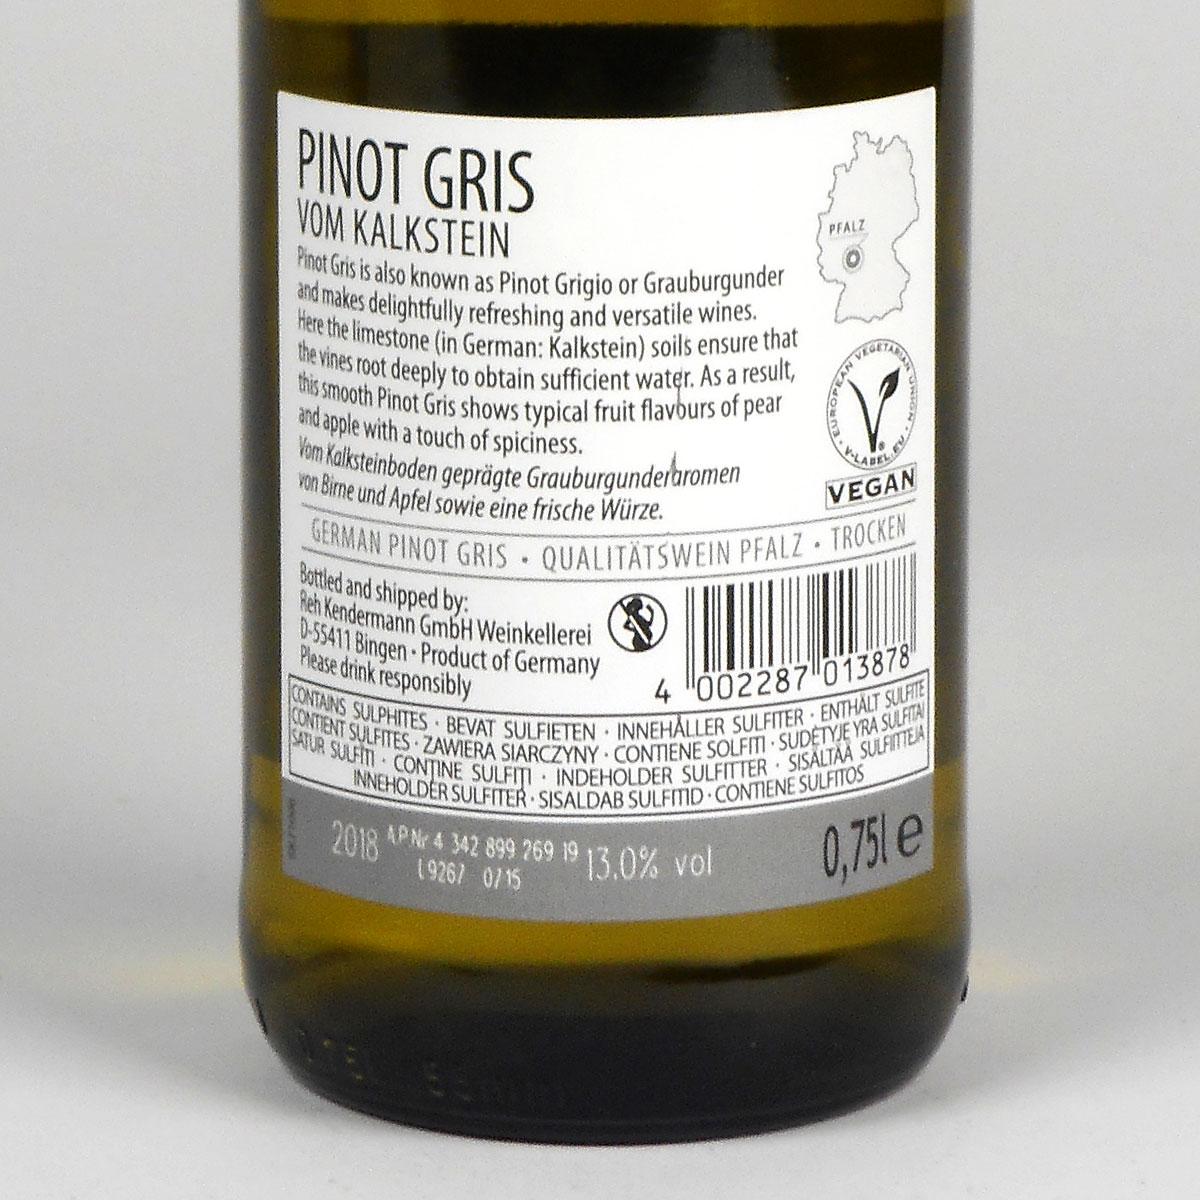 Pfalz: Pinot Gris vom Kalkstein 2018 - rear label